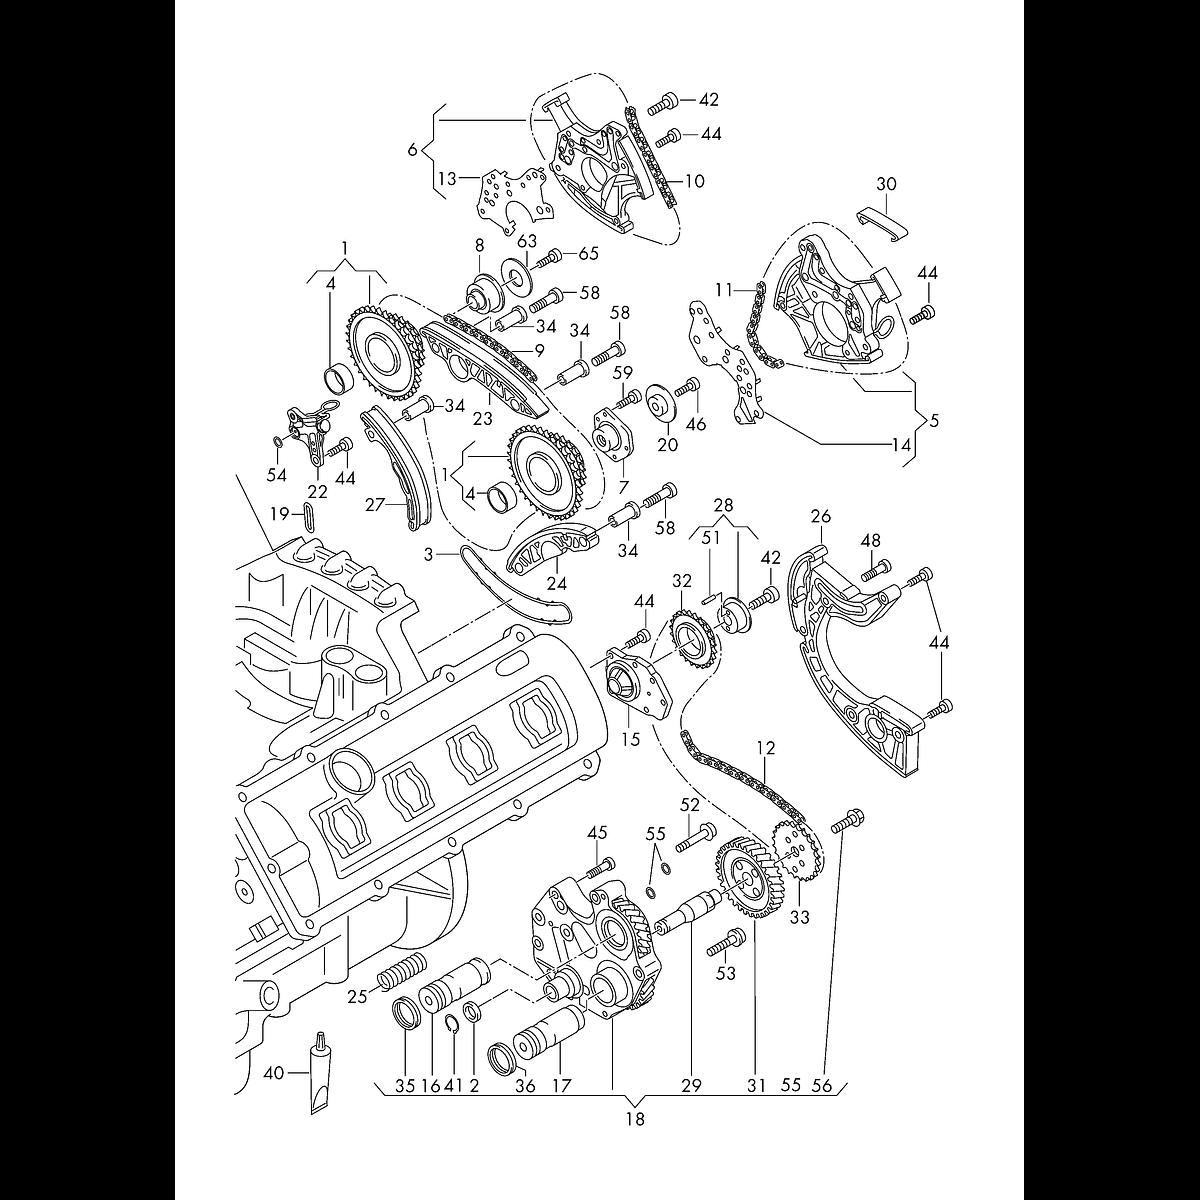 Manual De Despiece Audi A7 (2010-2018) Español